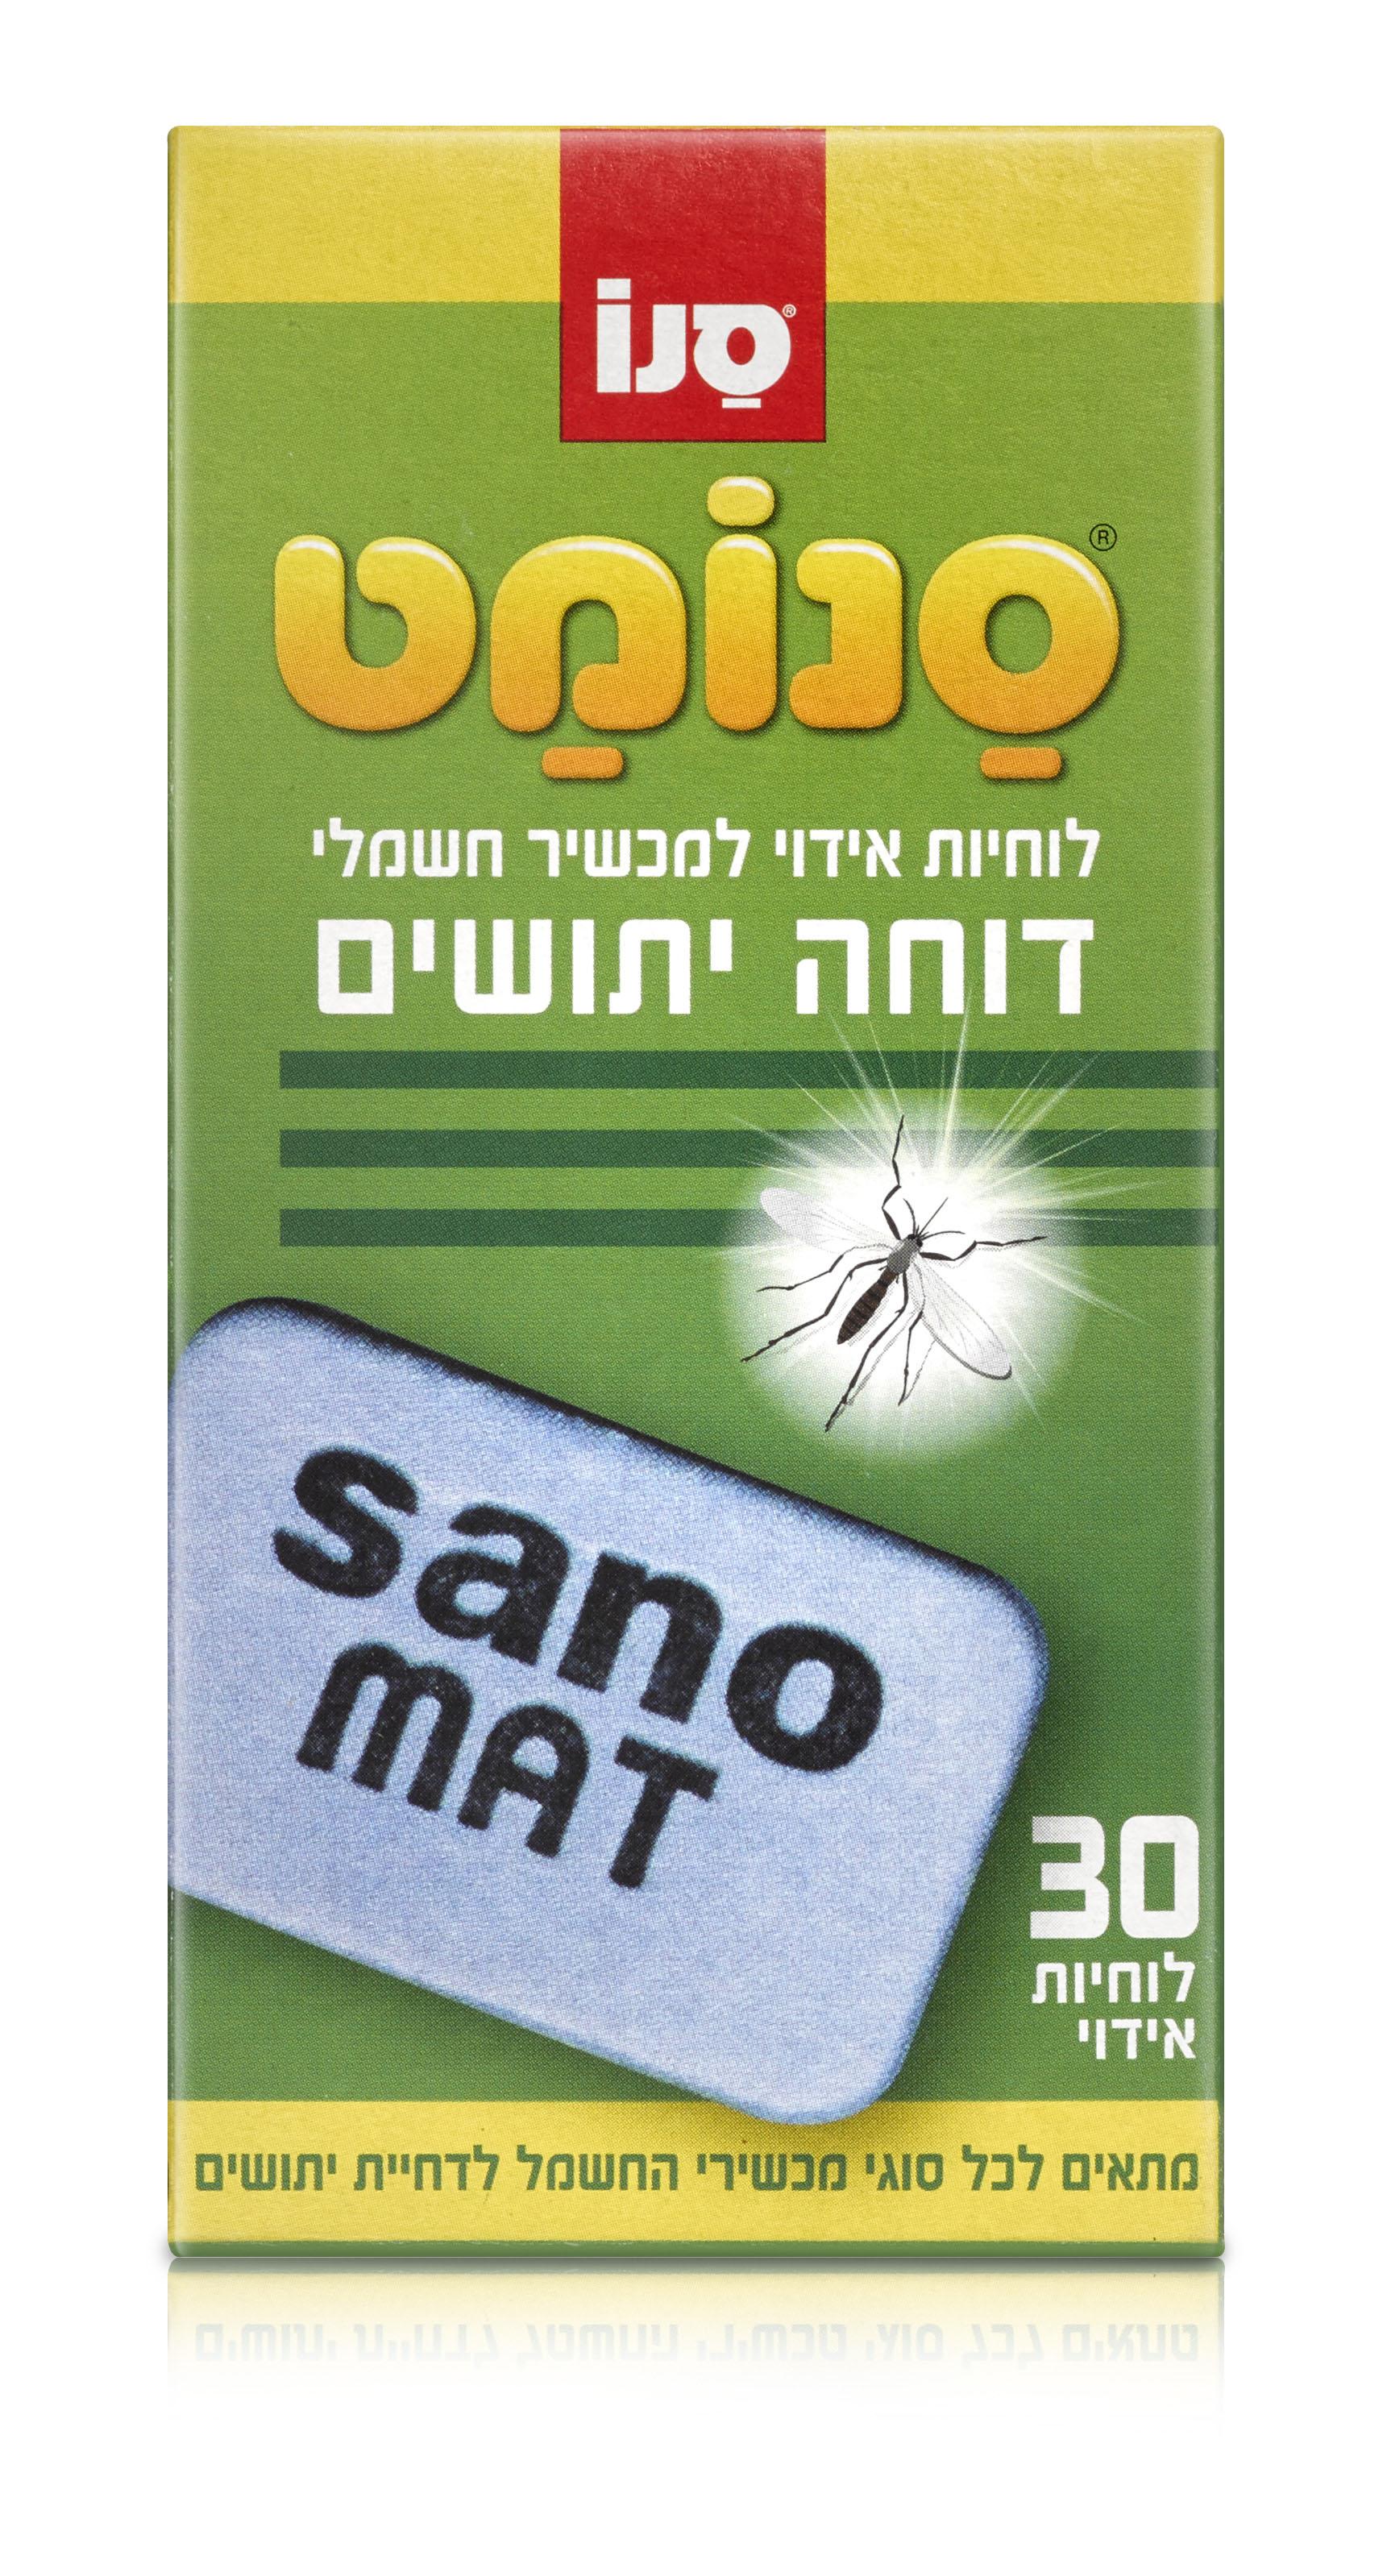 סנומט טבליות לדחיית יתושים